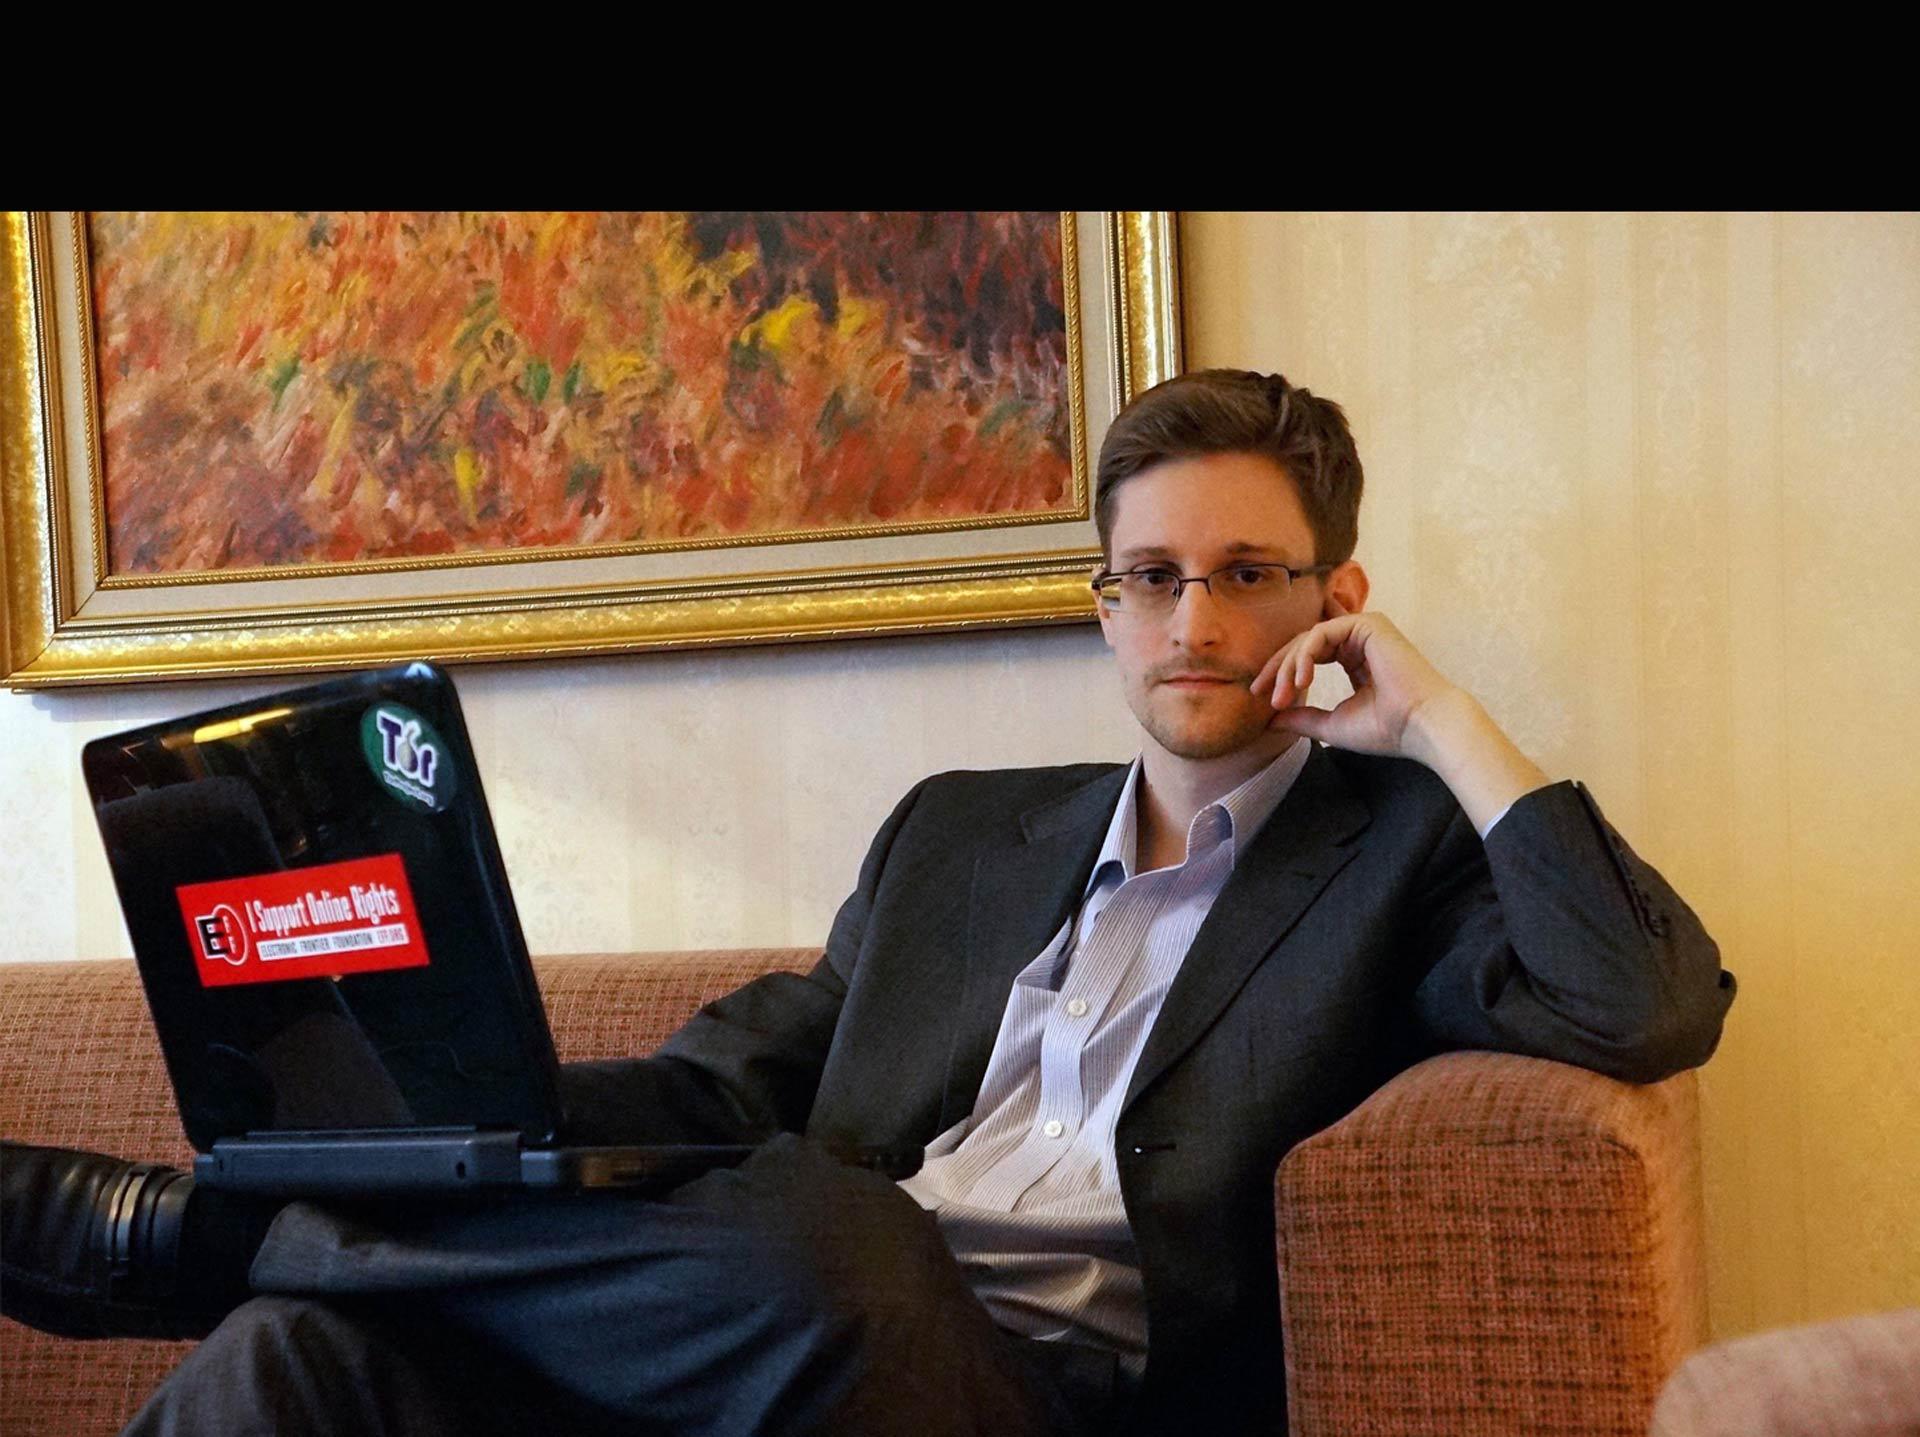 El exagente de la CIA recomienda utilizar servicios de mensajería encriptada y crear contraseñas más complejas